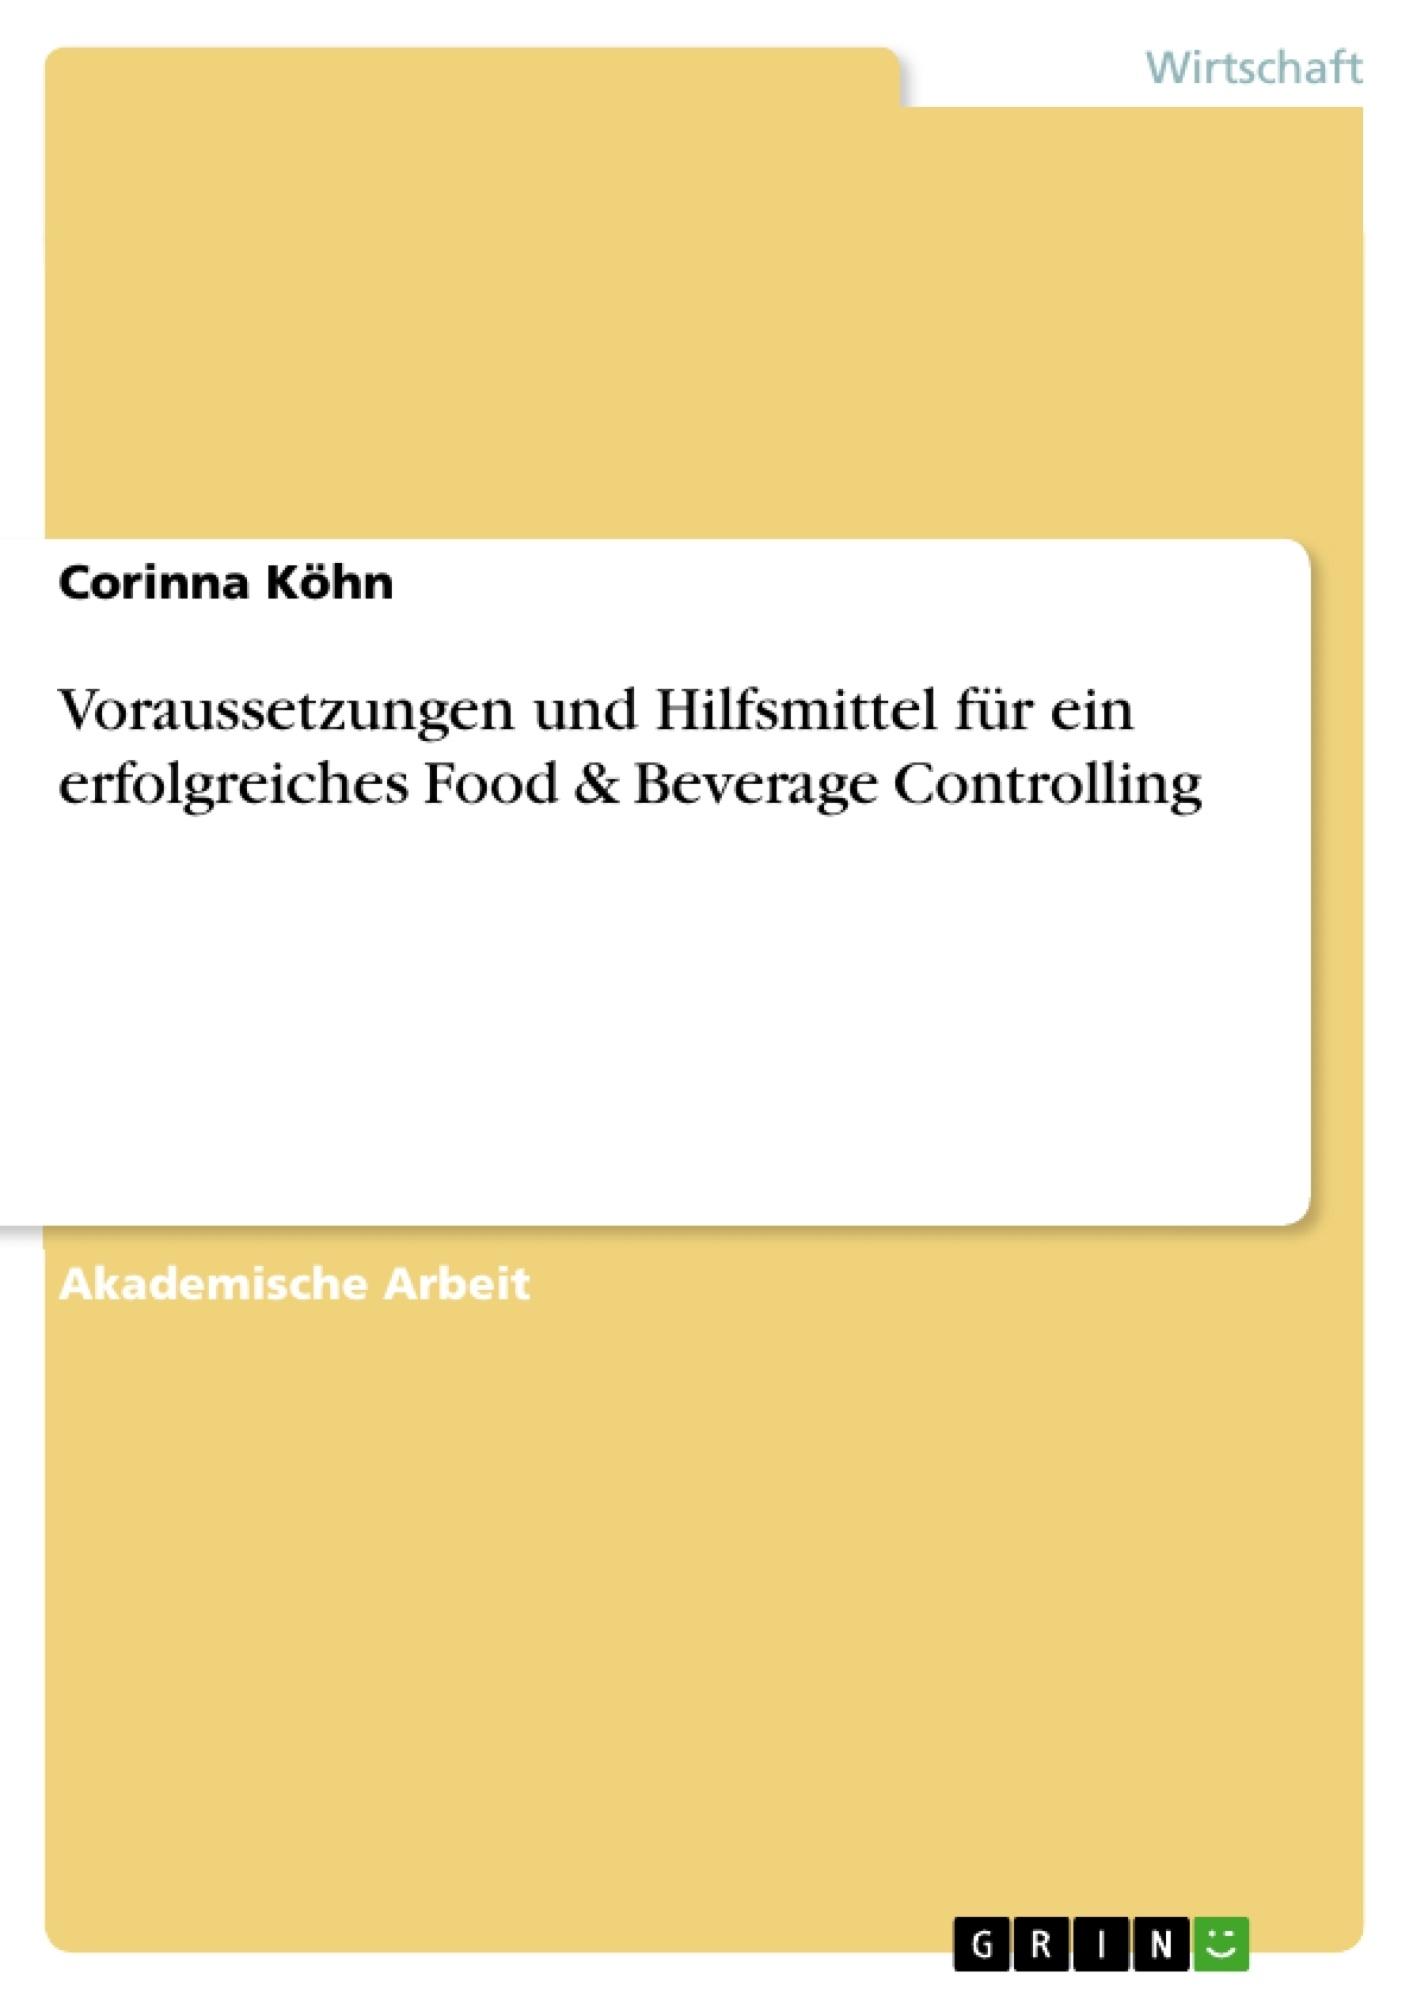 Titel: Voraussetzungen und Hilfsmittel für ein erfolgreiches Food & Beverage Controlling